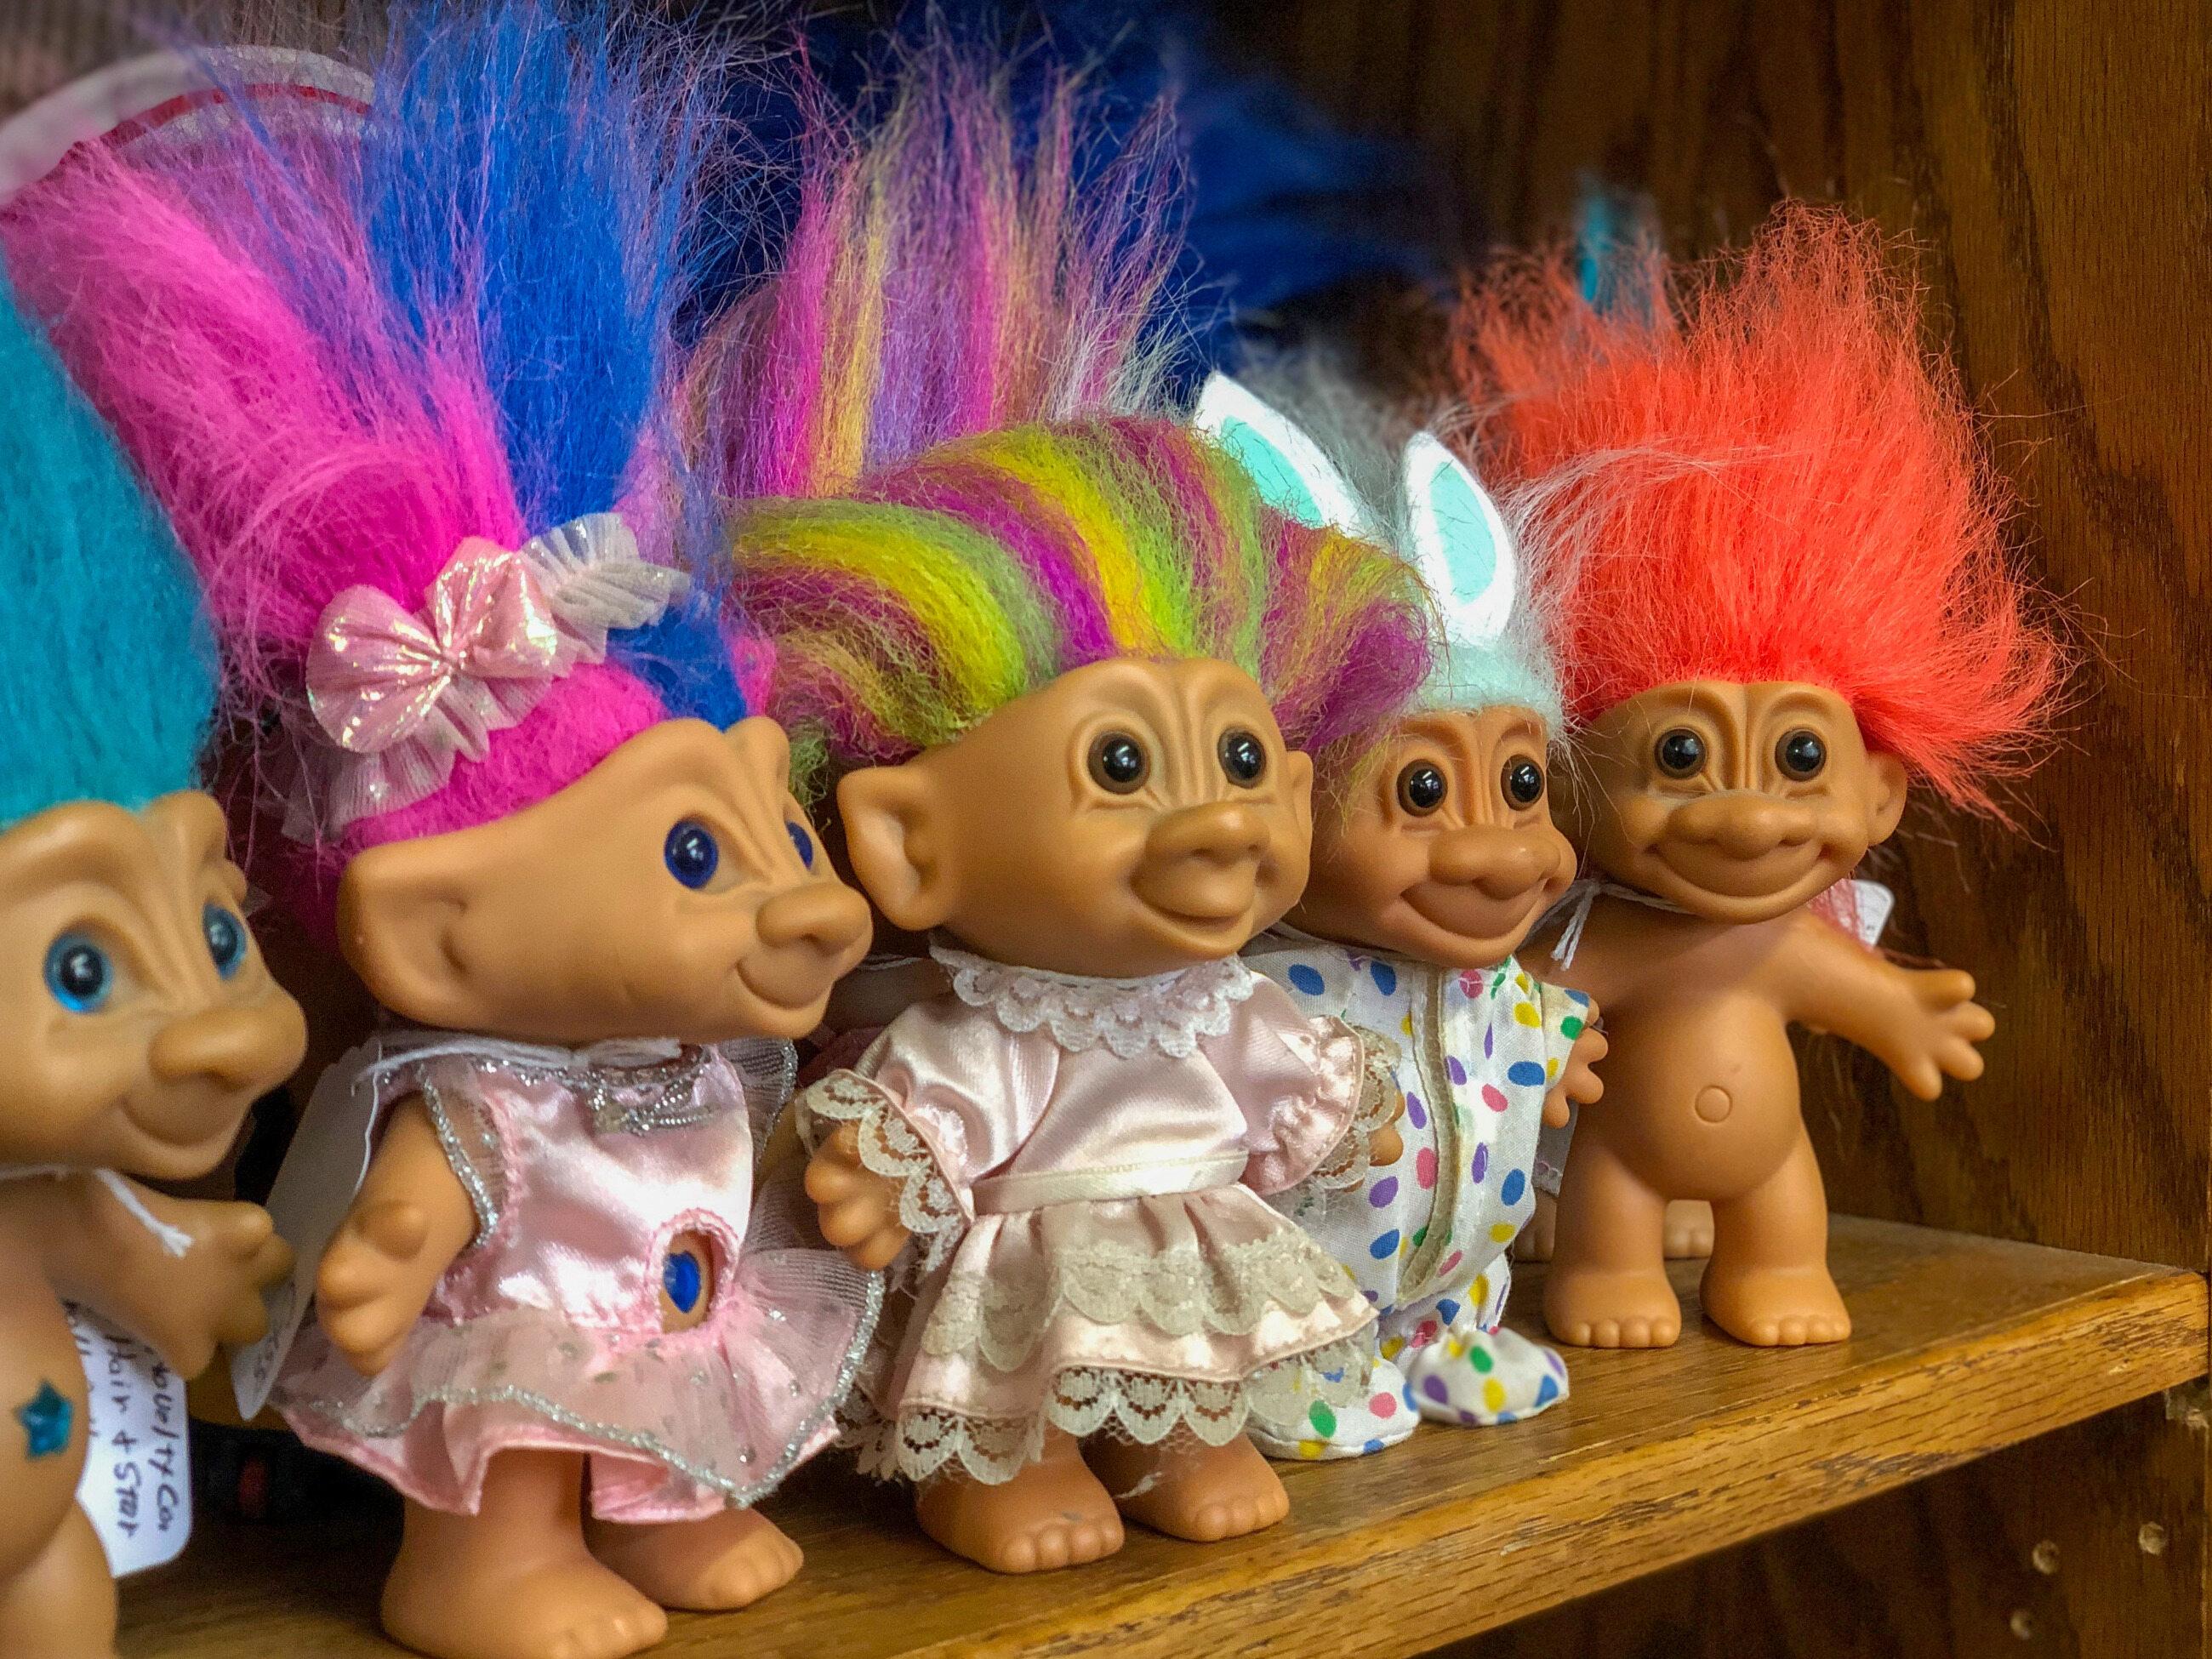 Te niezwykle popularne w latach 90. zabawki uwielbiane przez dzieci to: